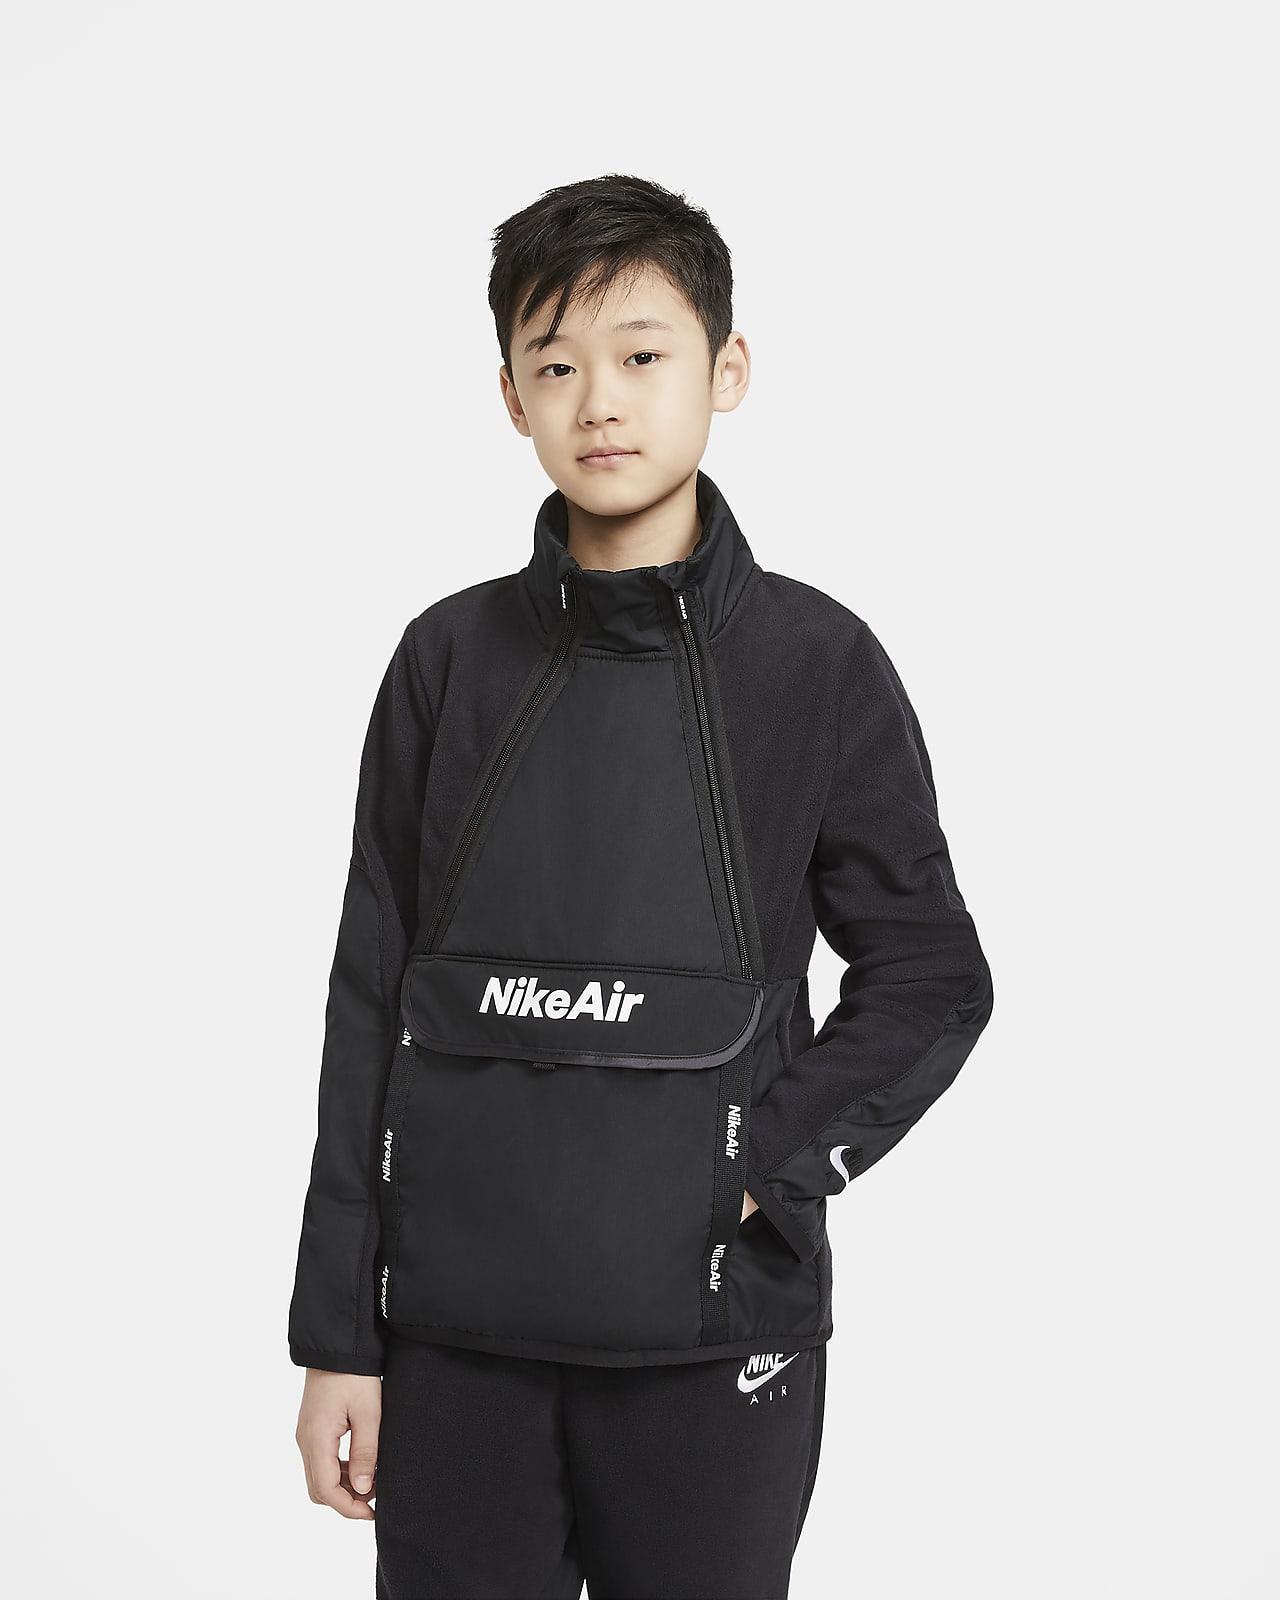 Nike Air téliesített felső nagyobb gyerekeknek (fiúk)